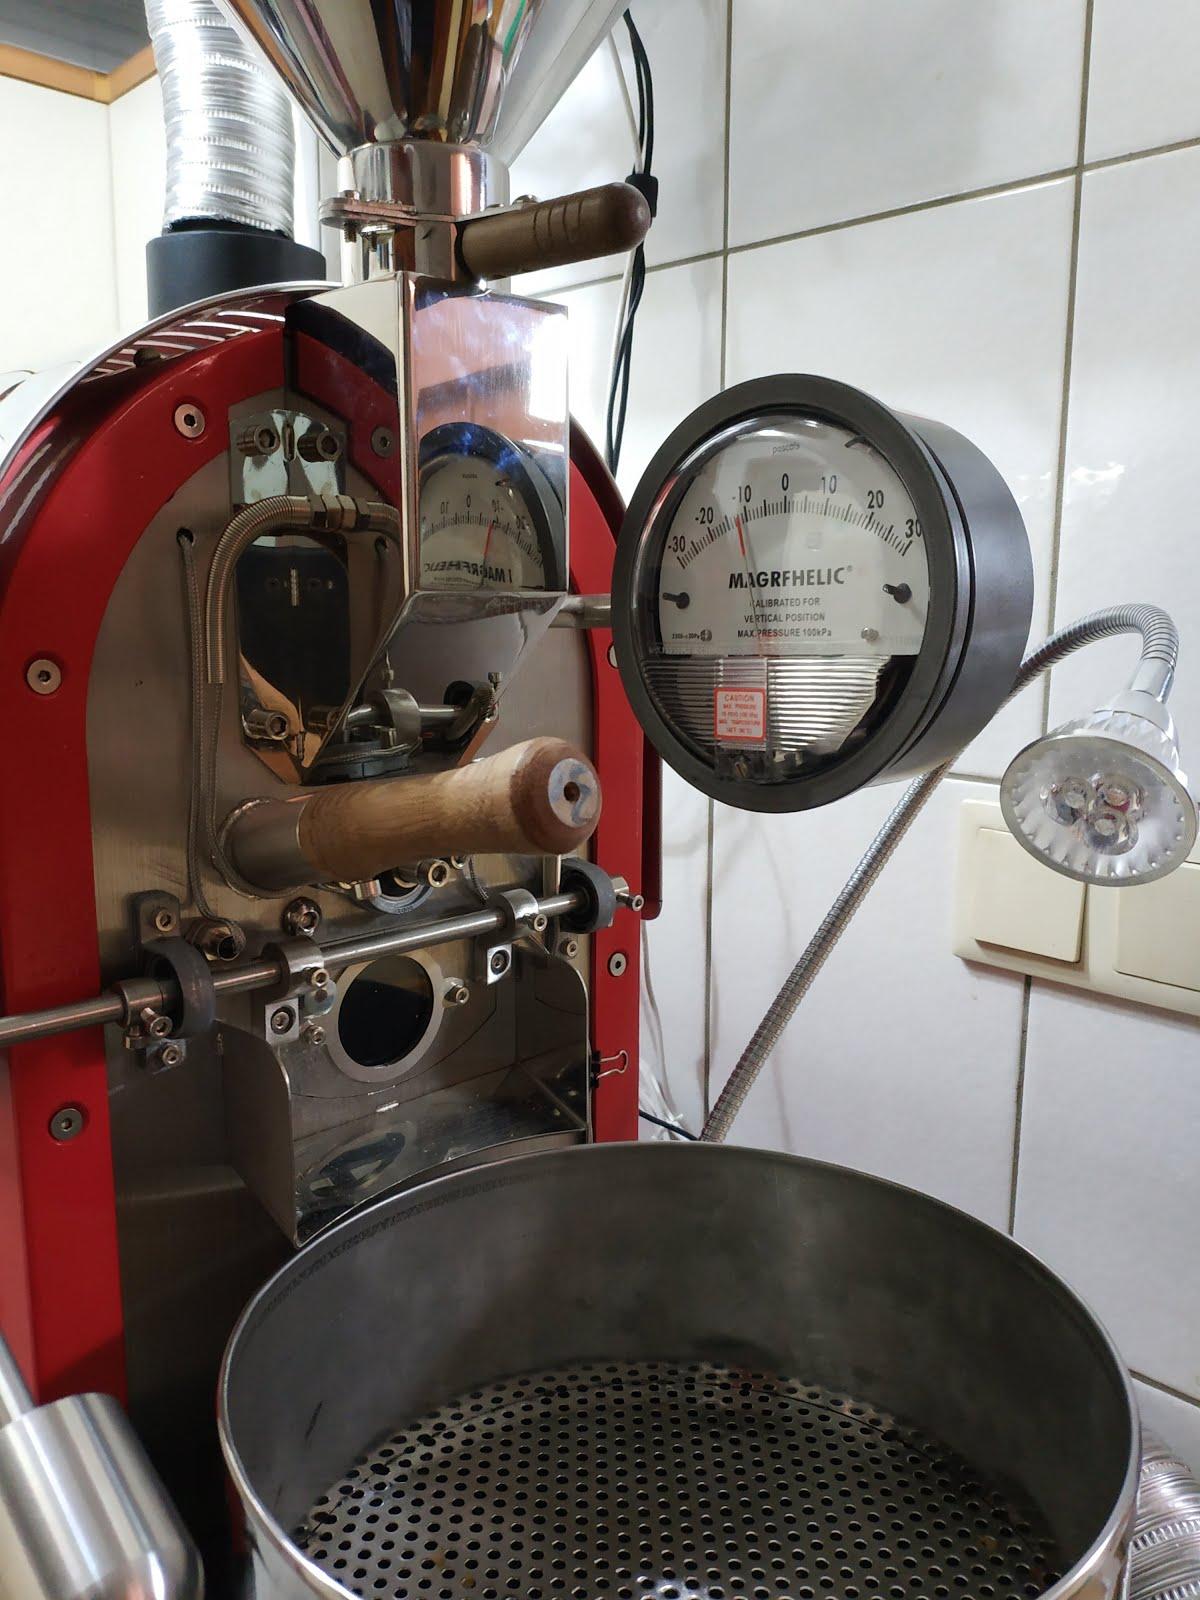 The Factory Air Pressure Meter